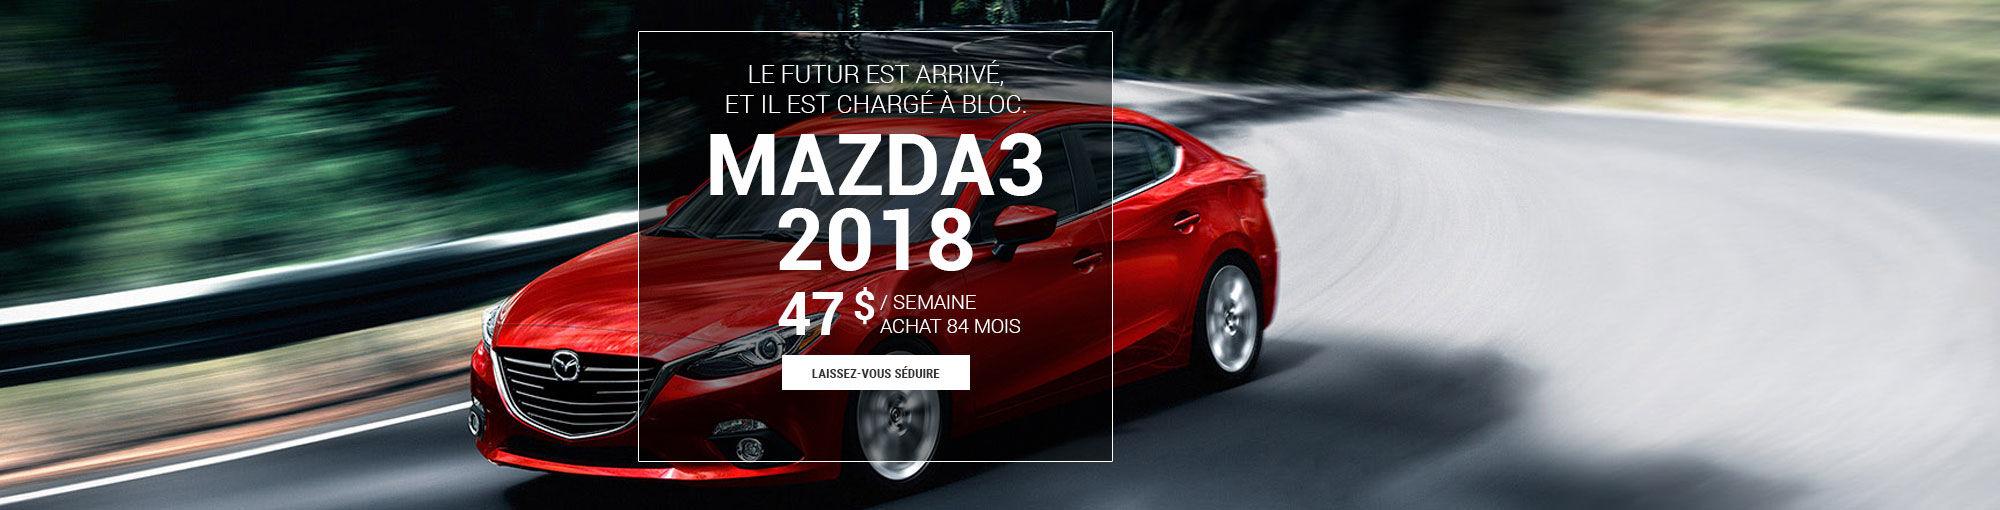 Mazda3 2018 - novembre